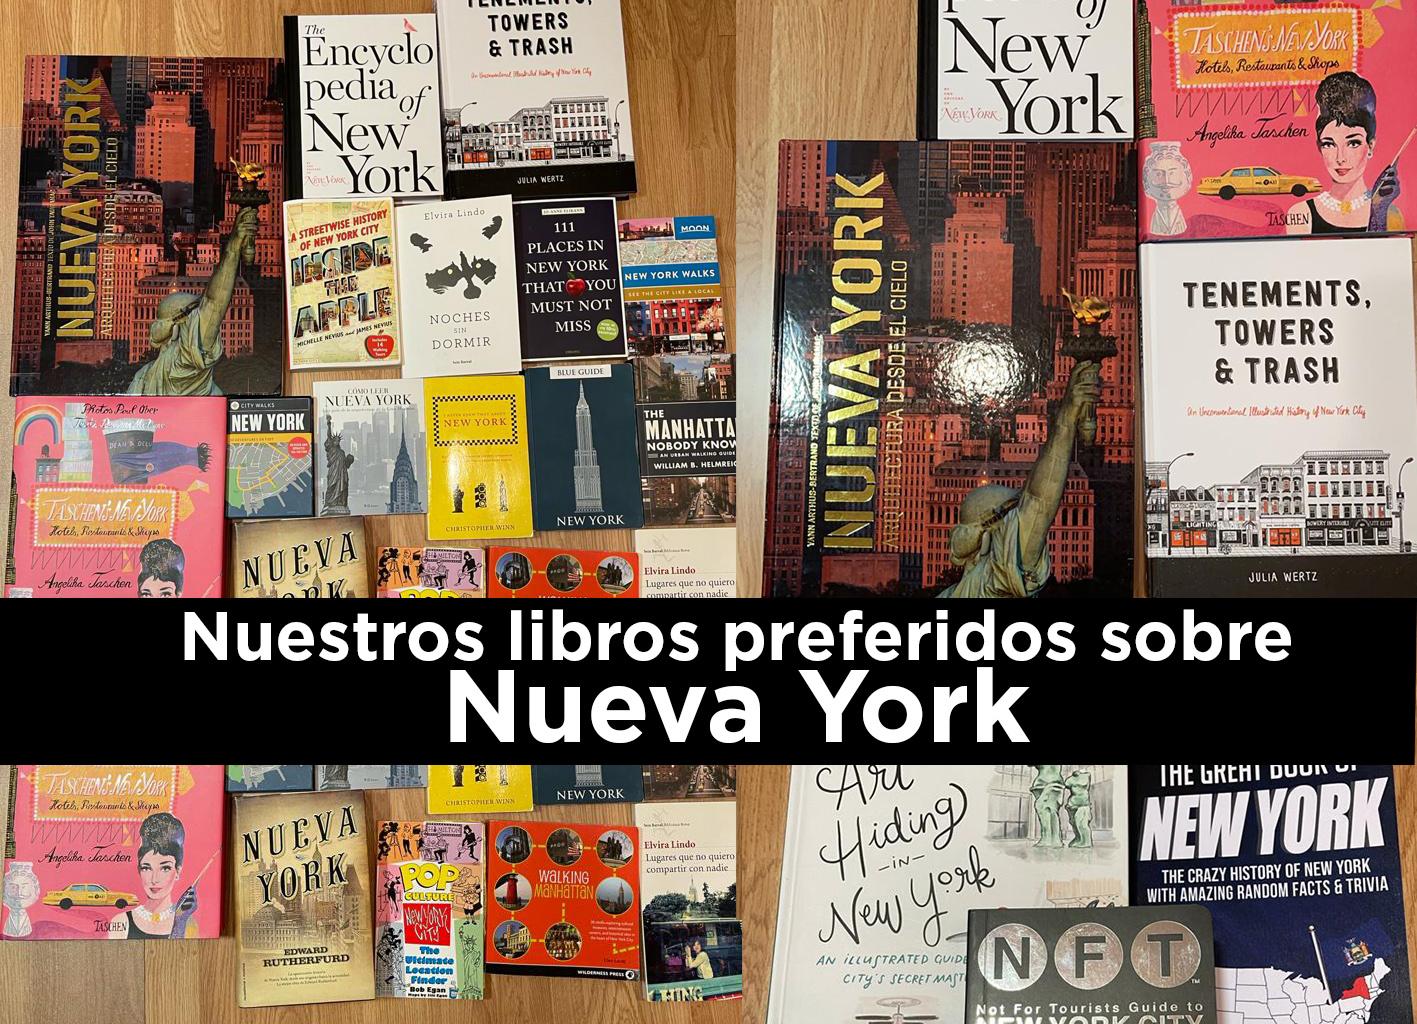 Nuestros libros preferidos sobre Nueva York